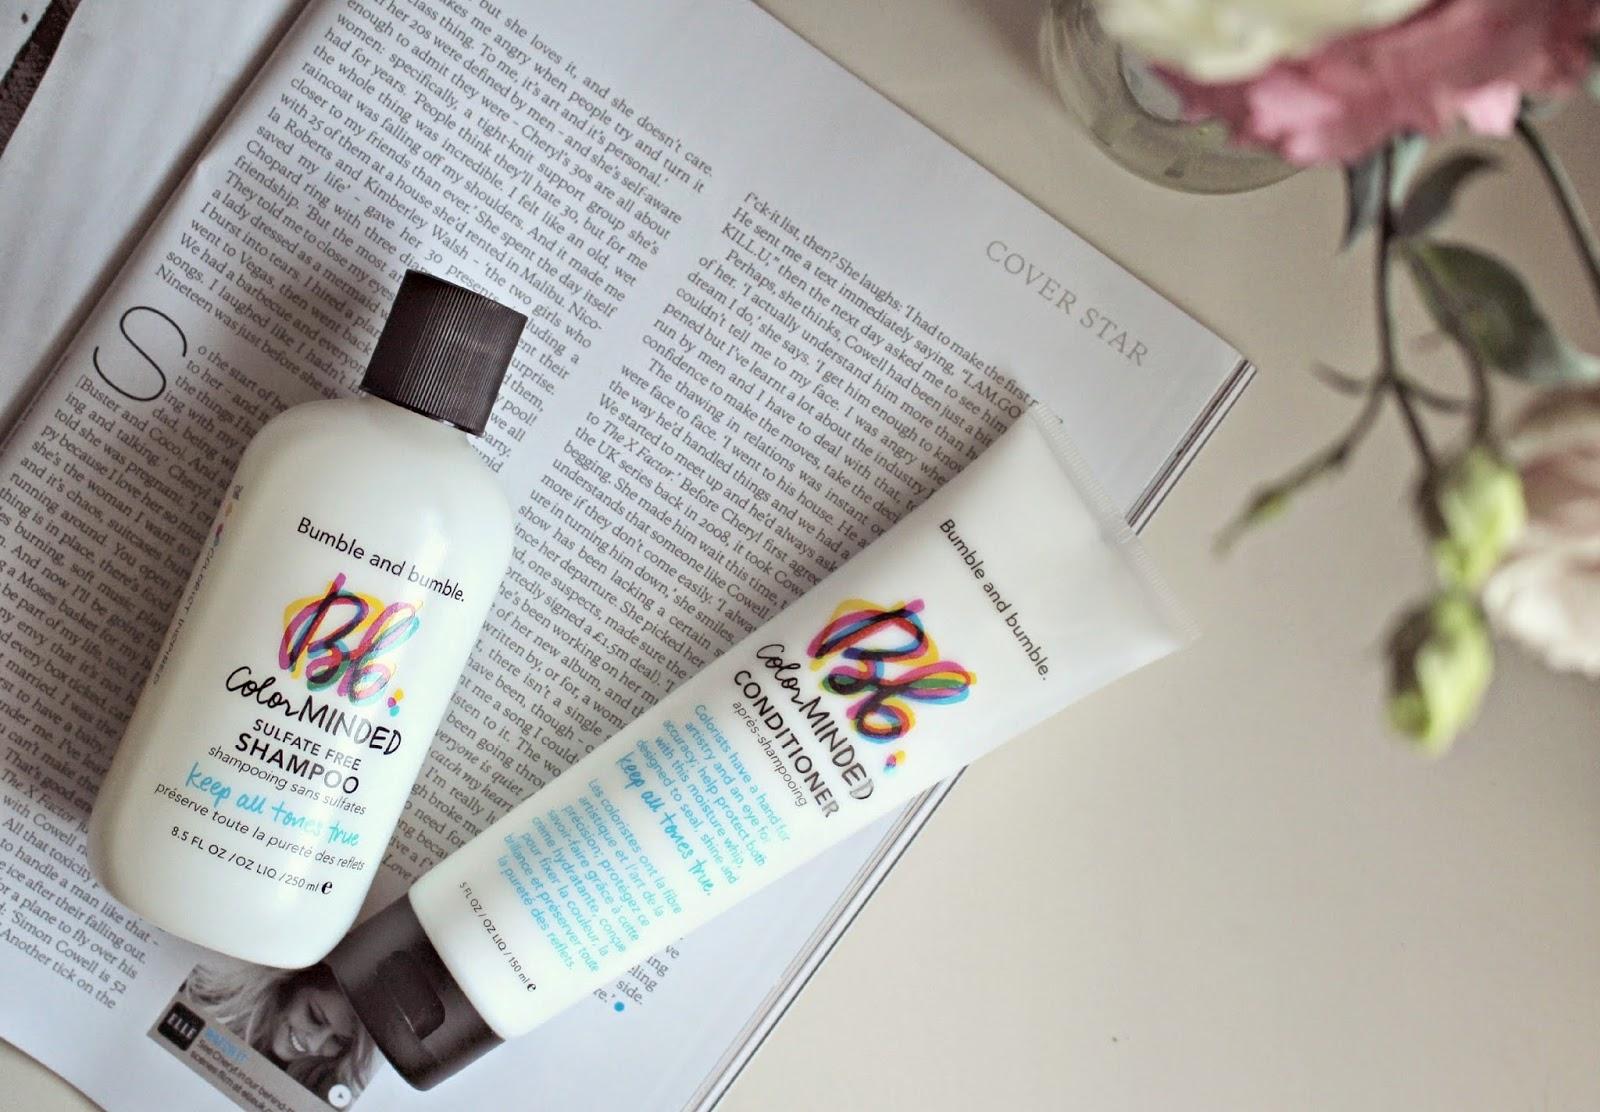 Șampon pentru păr vopsit Color Minded fără sulfat